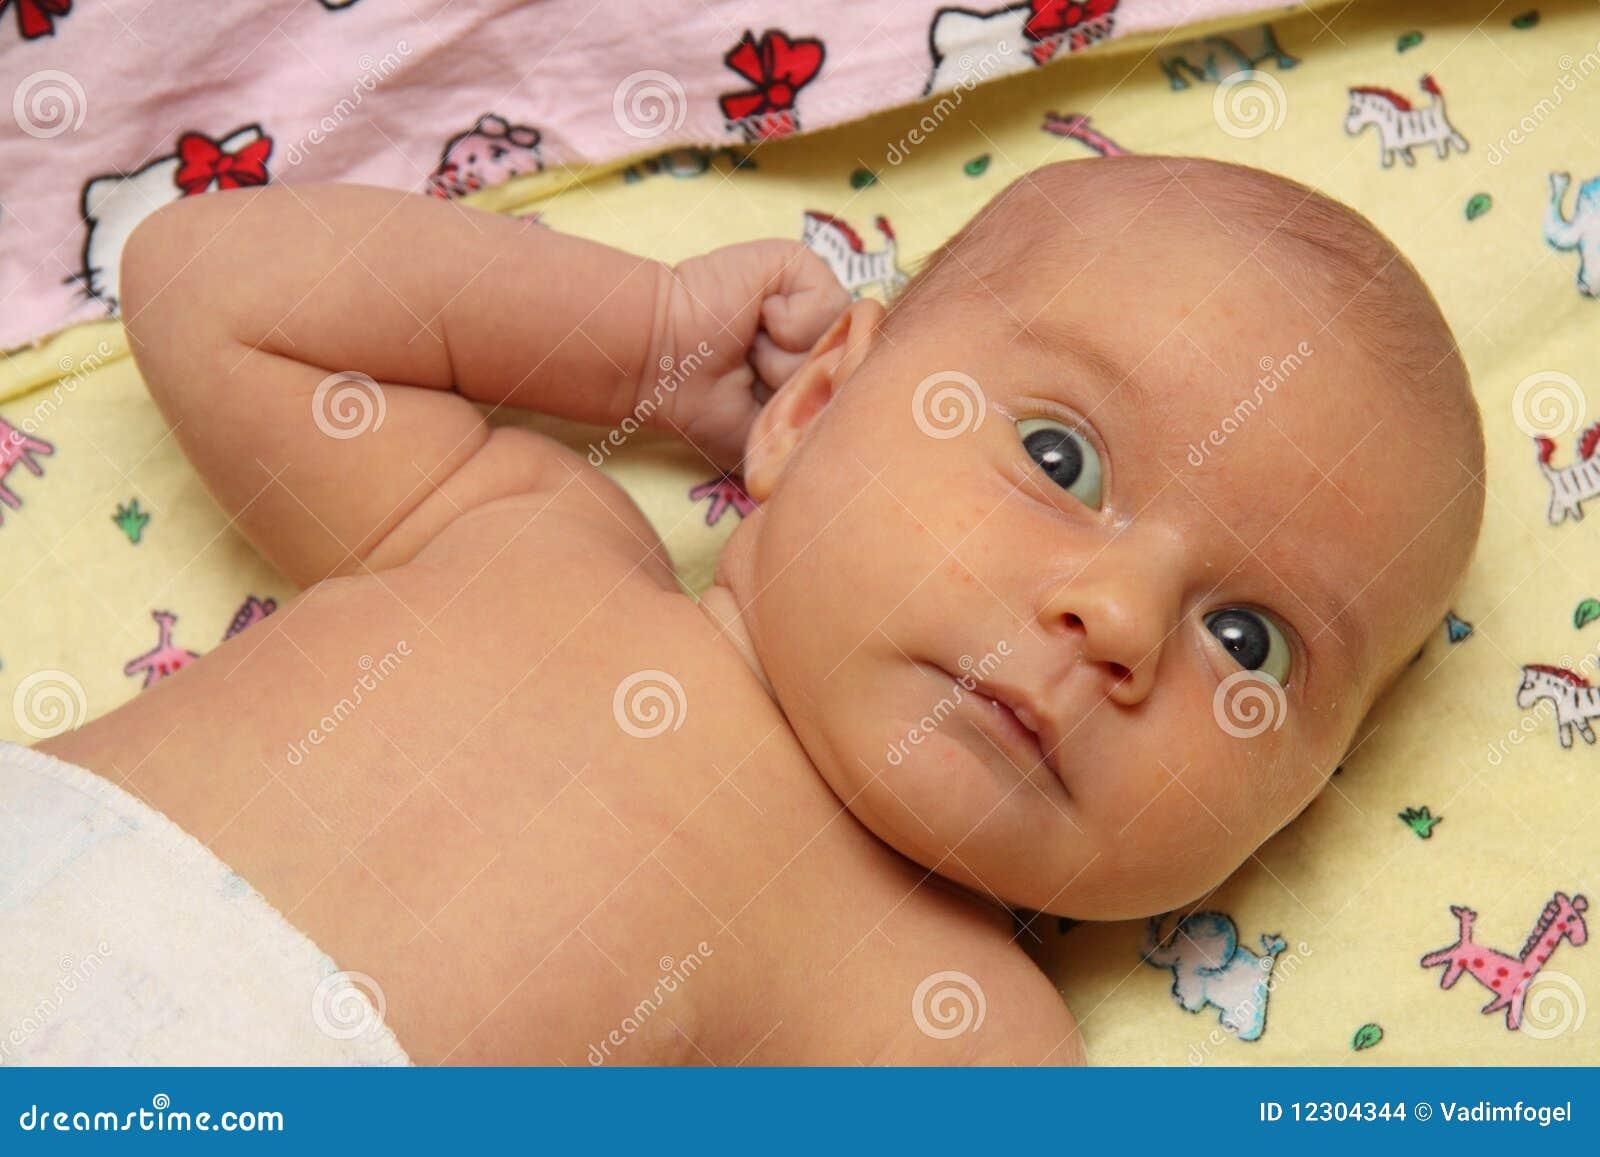 Pretty naked baby-girl lying on white - Shutterstock